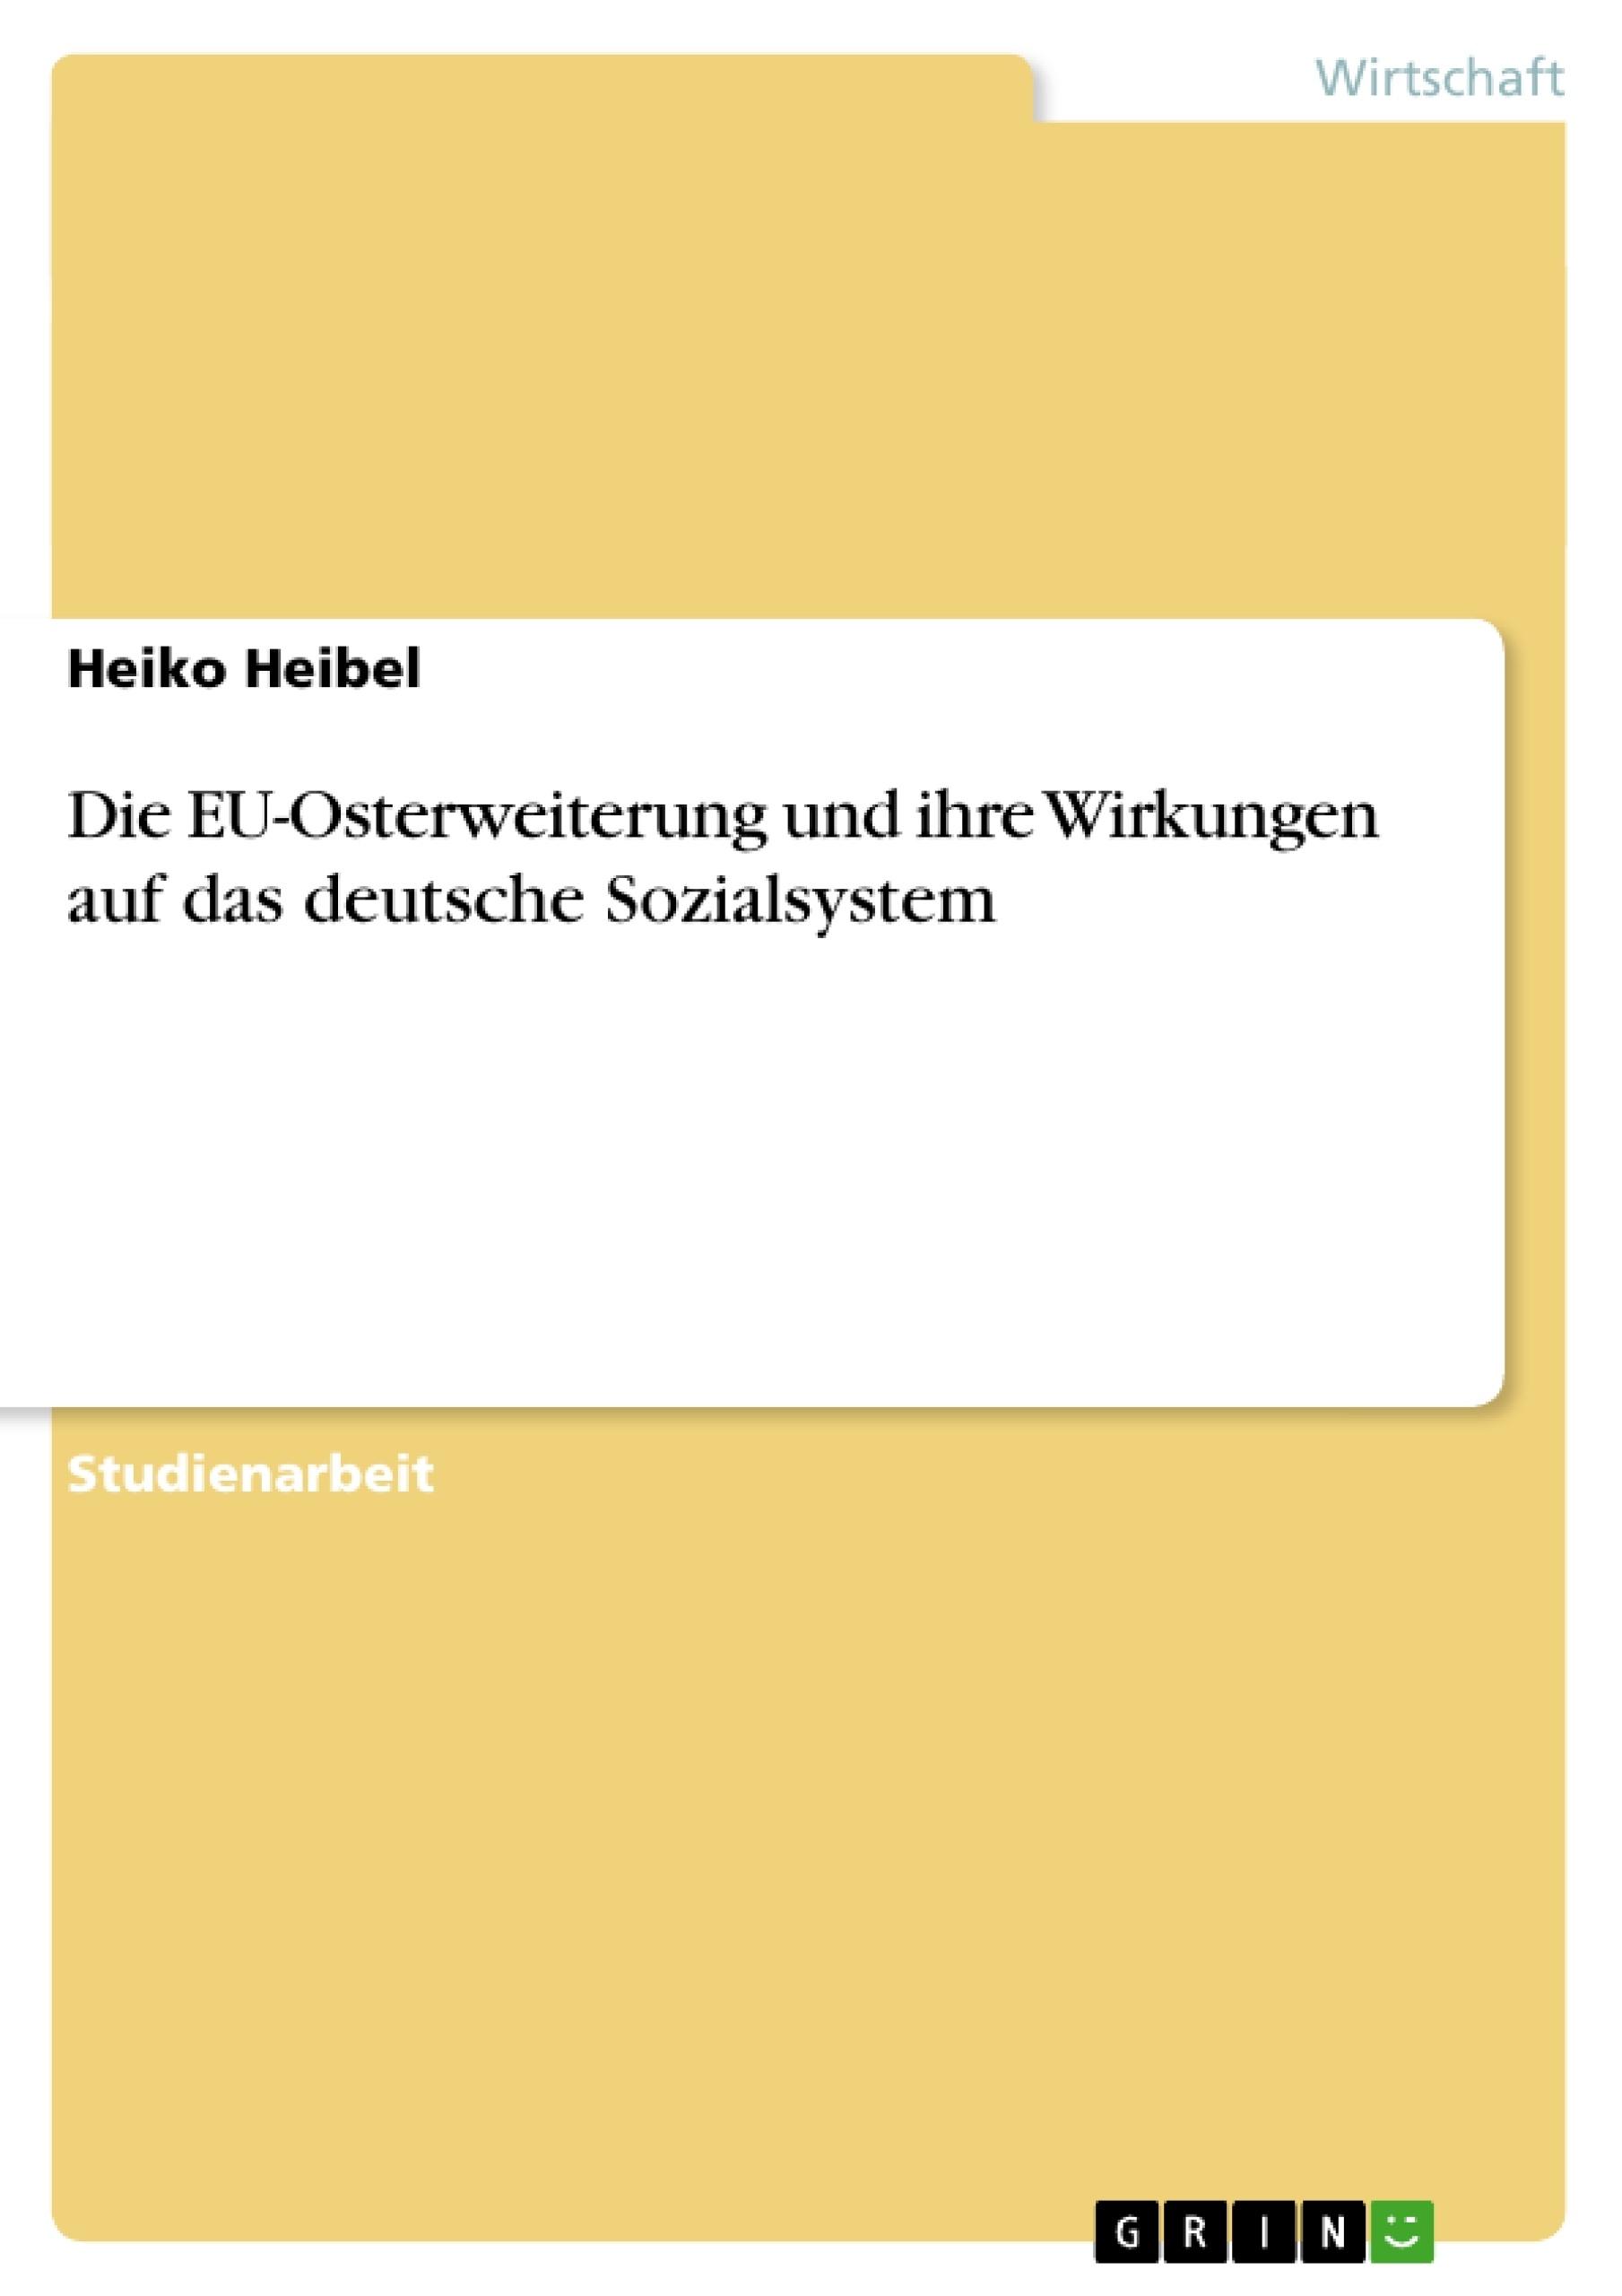 Titel: Die EU-Osterweiterung und ihre Wirkungen auf das deutsche Sozialsystem